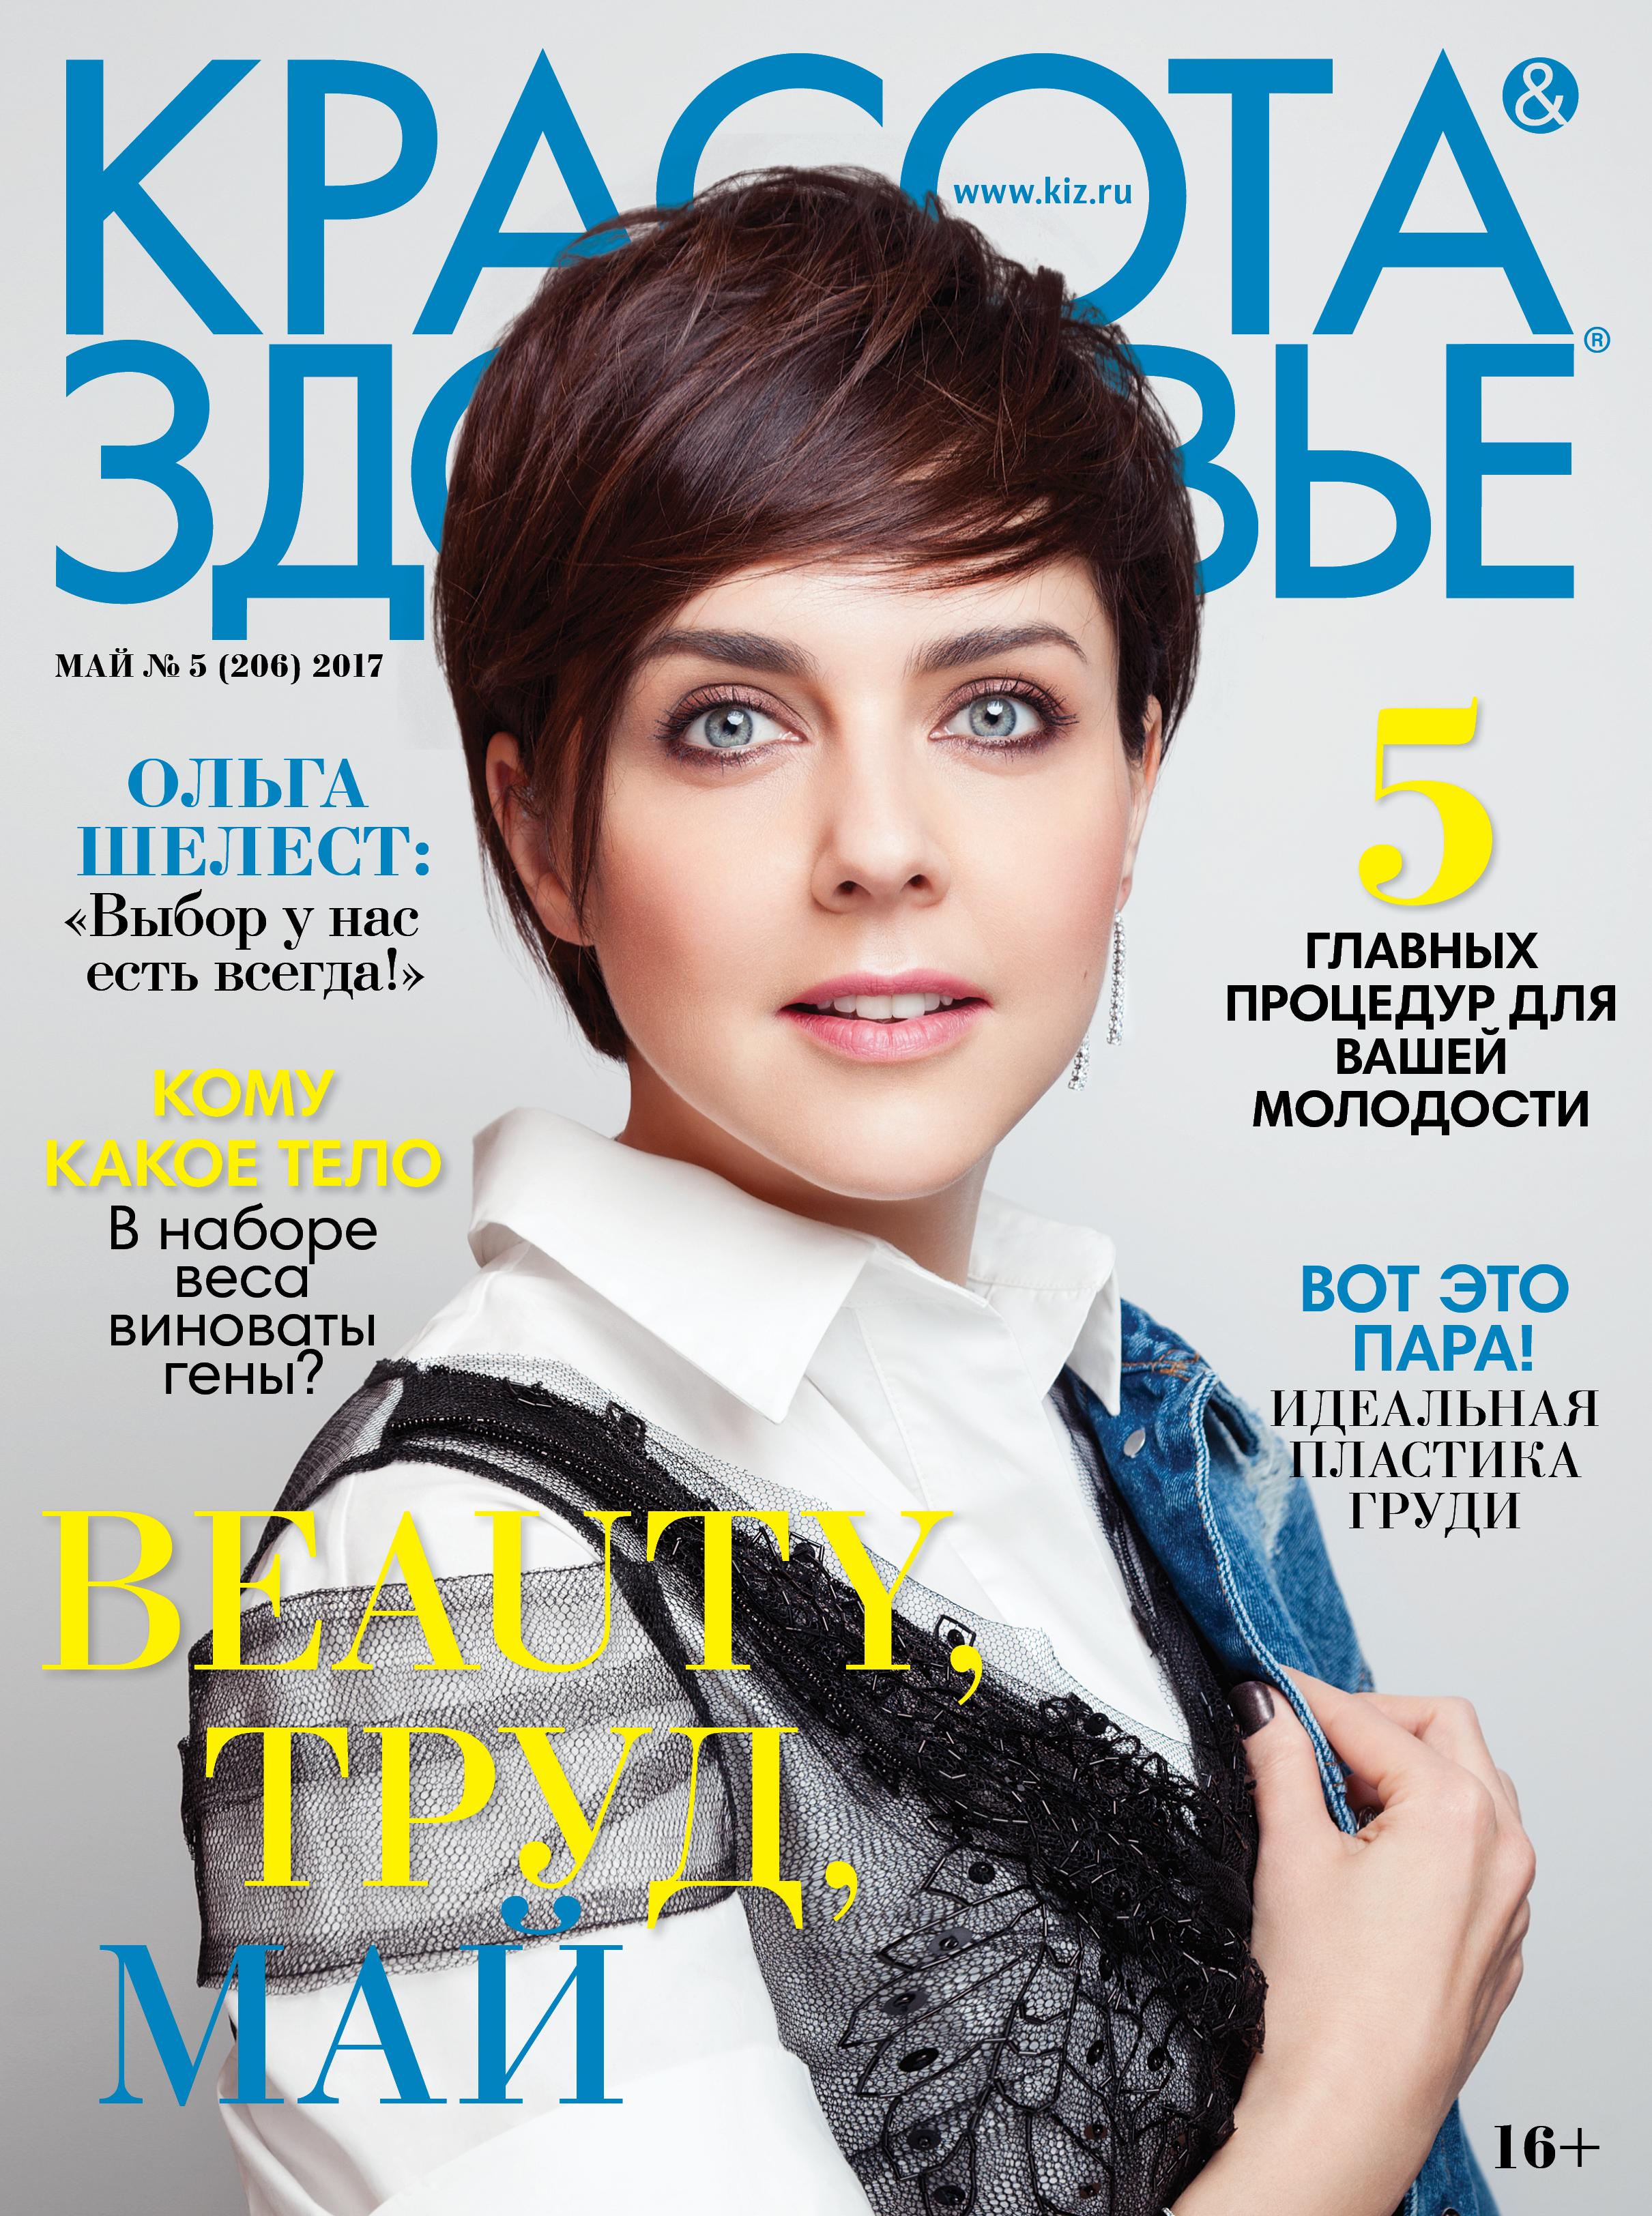 Красота и здоровье Журнал Красота и здоровье № 5 красота и здоровье журнал красота и здоровье 11